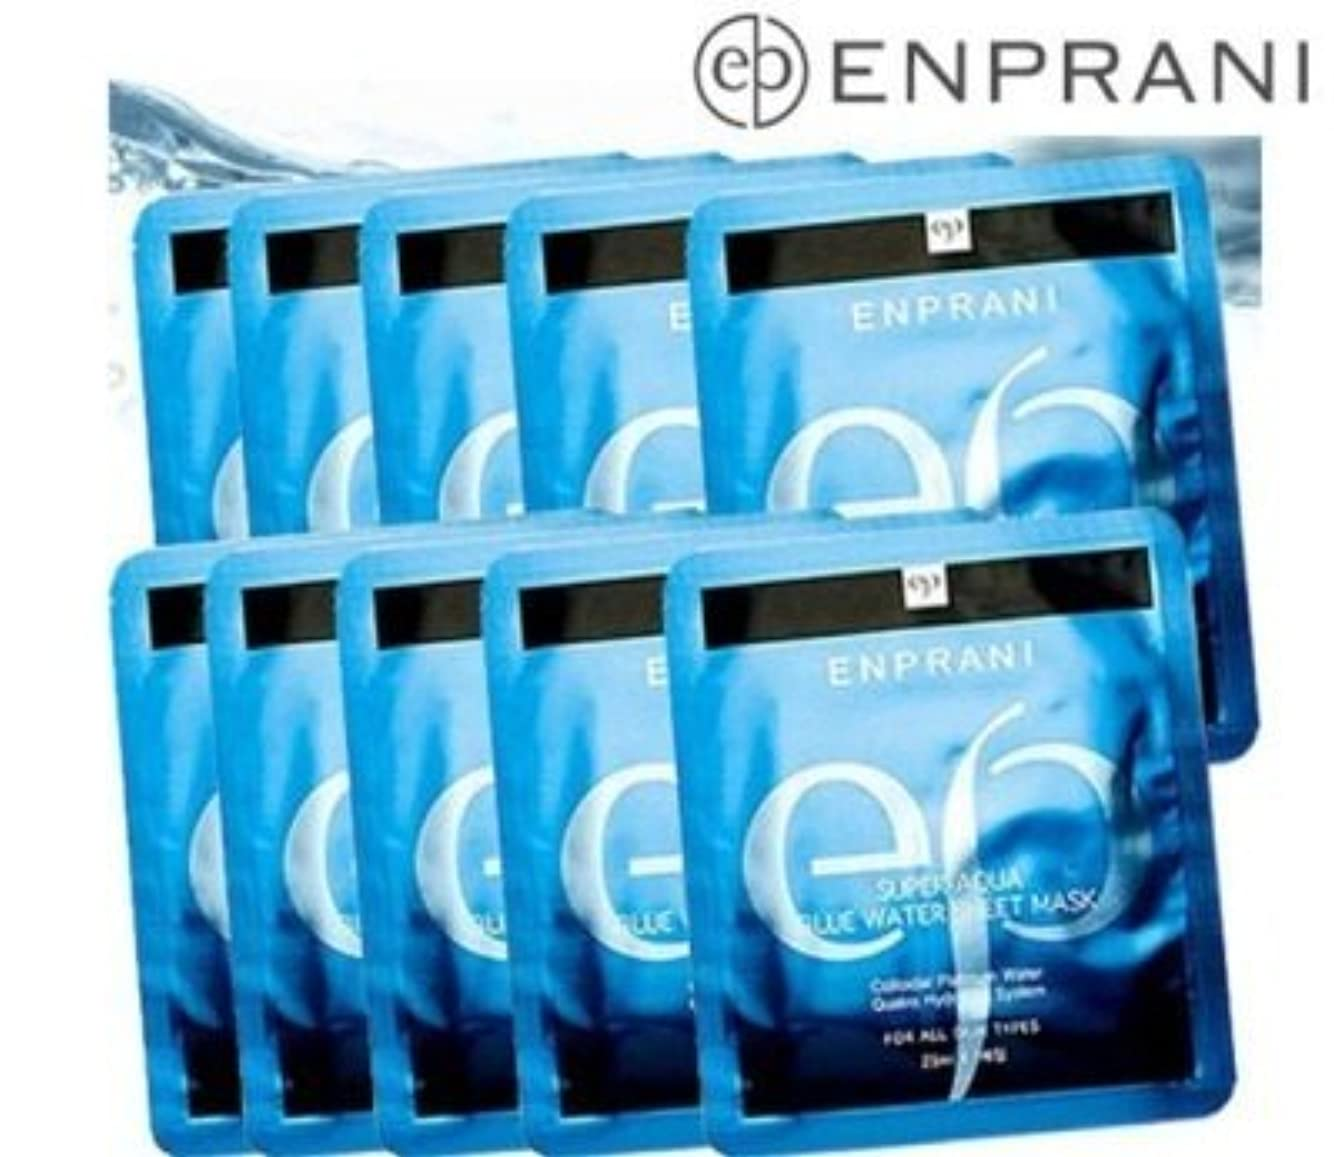 拳漁師シェフ[30枚][エンプラニ ] ENPRANI [スーパーアクア シートマスク パック 30枚](Super Aqua Seat Mask 30 Sheets) [並行輸入品]